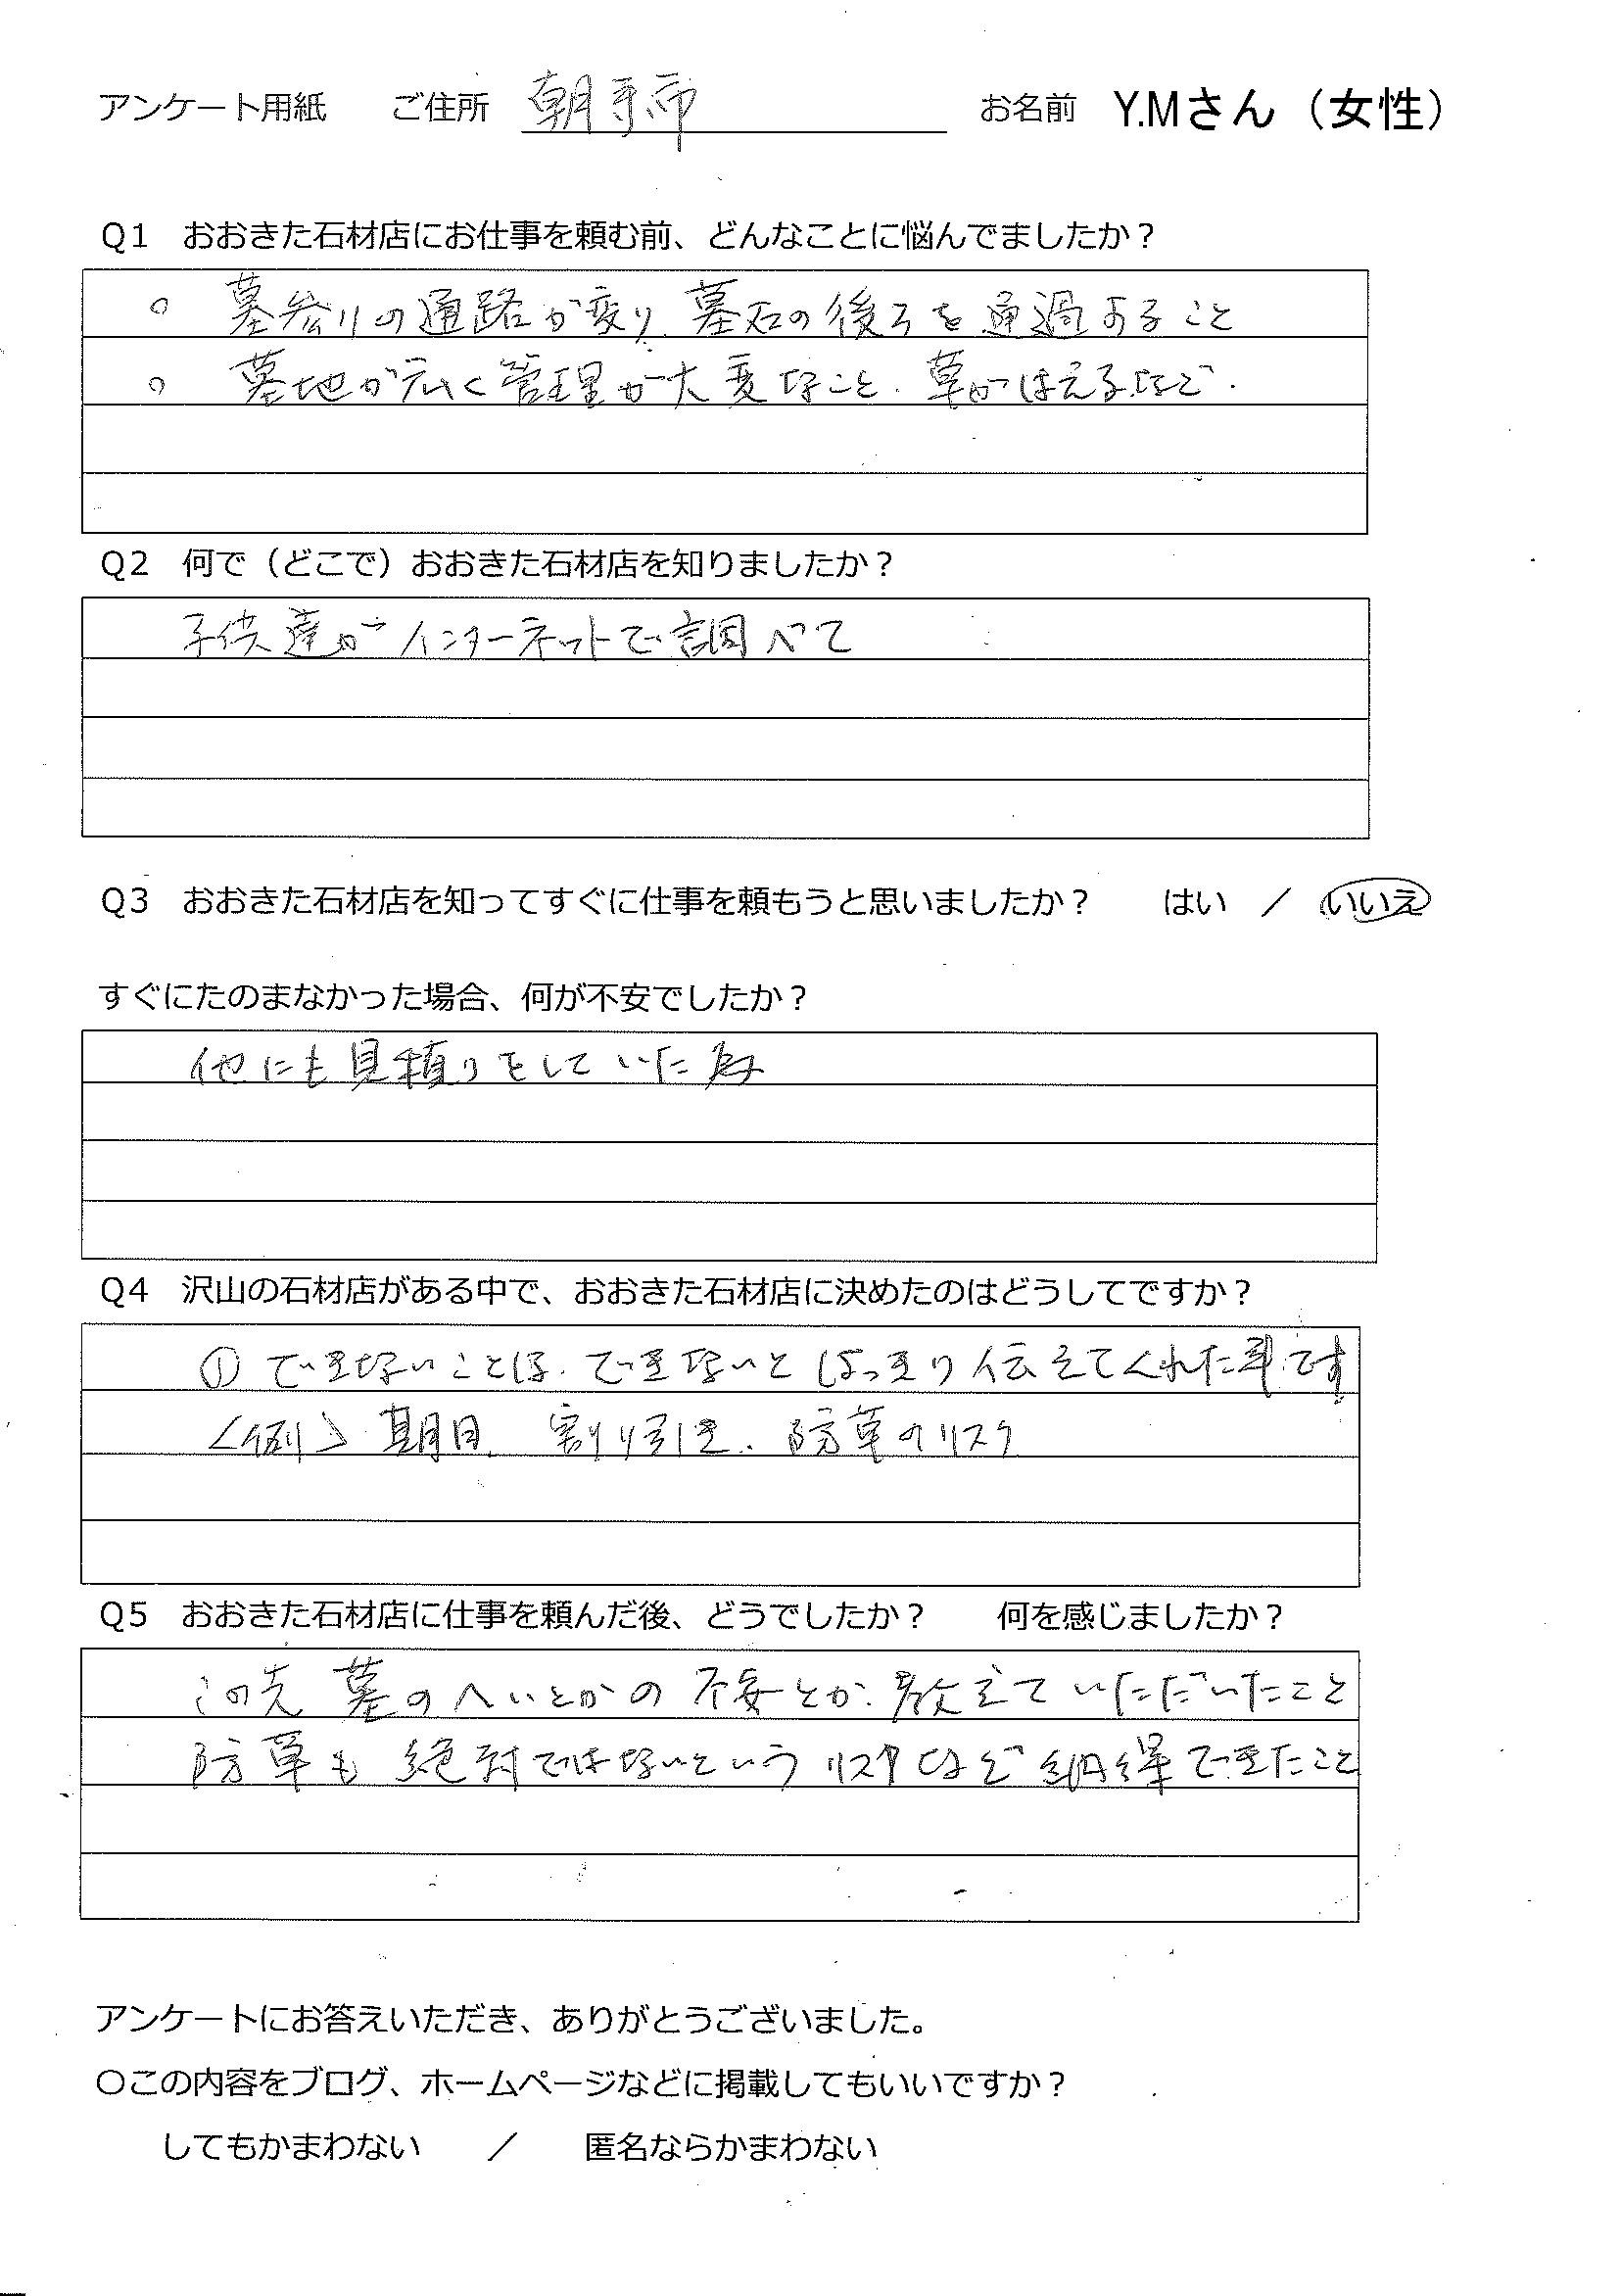 2018-11-30松野様